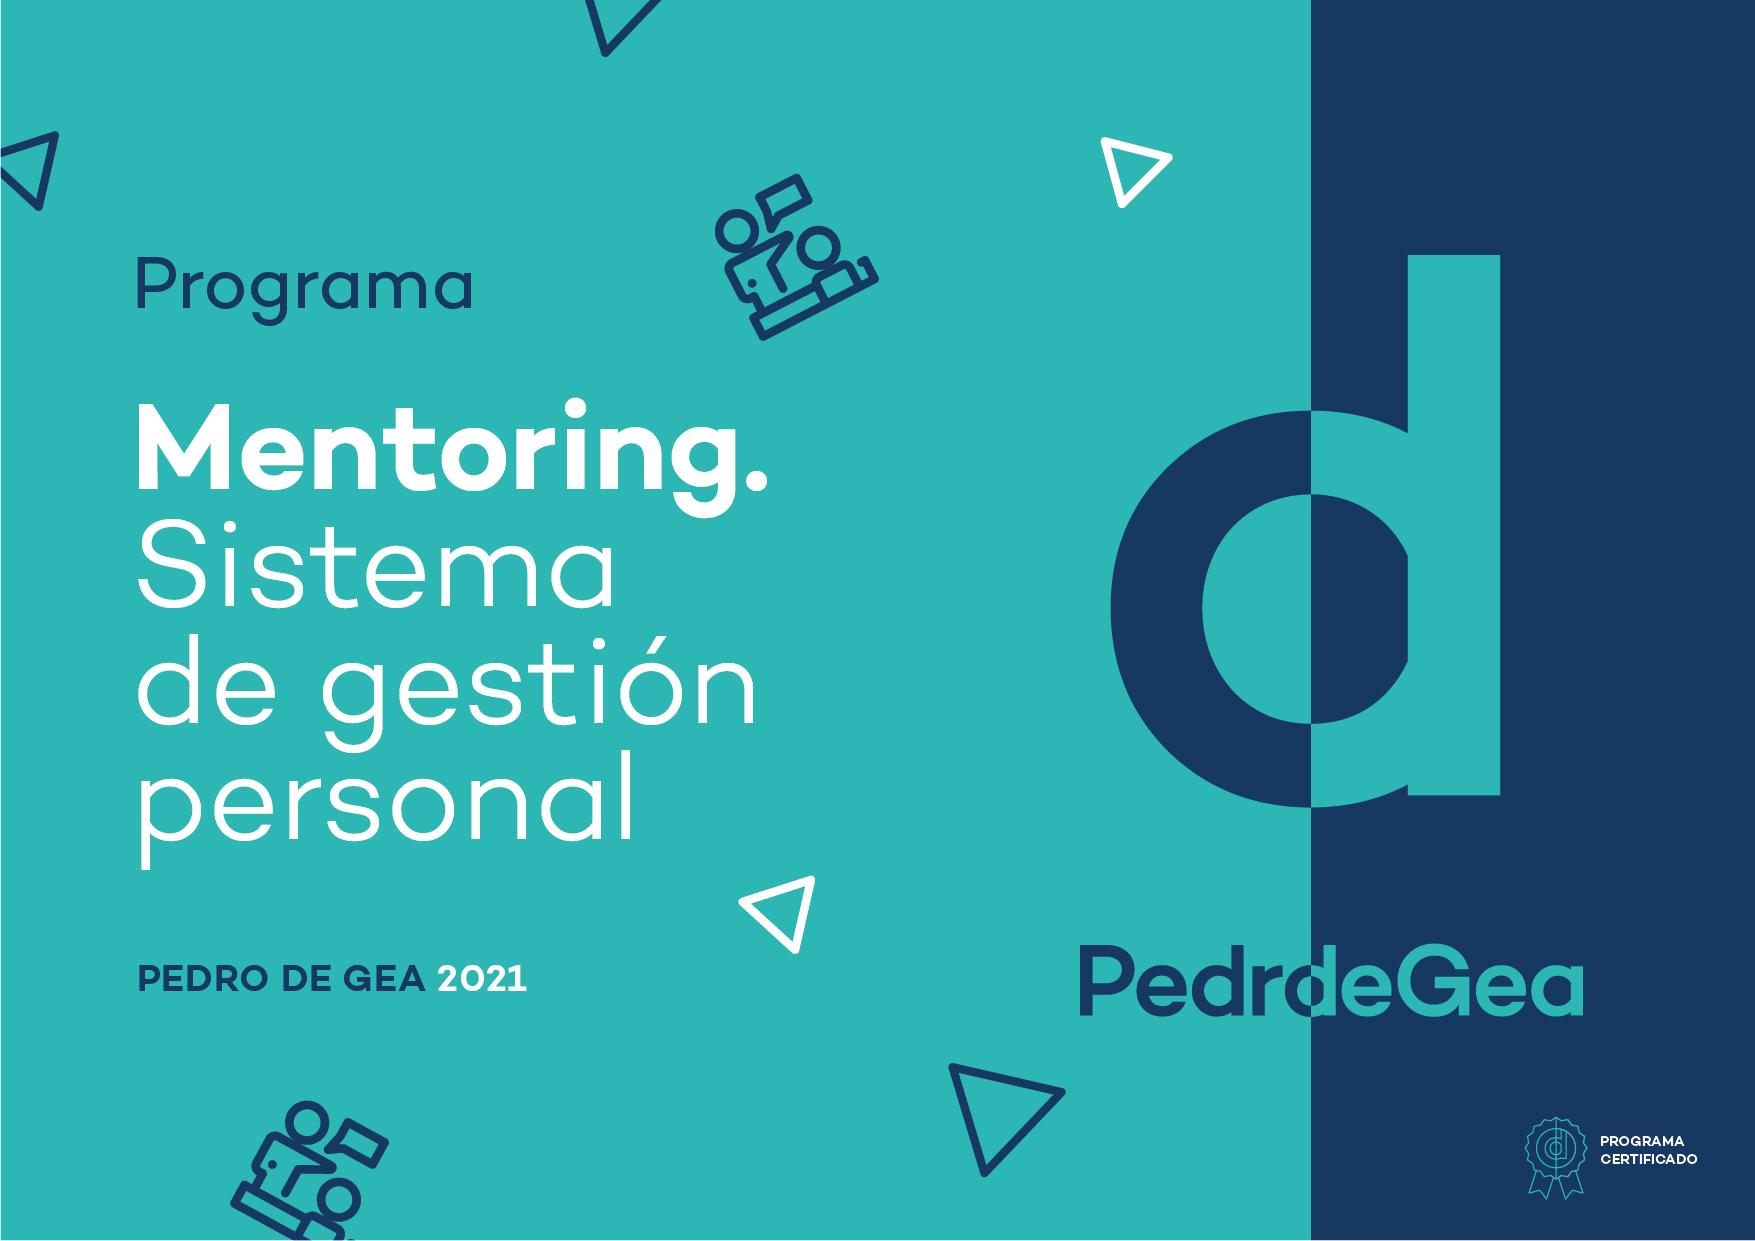 Programas-PedroDeGea-0